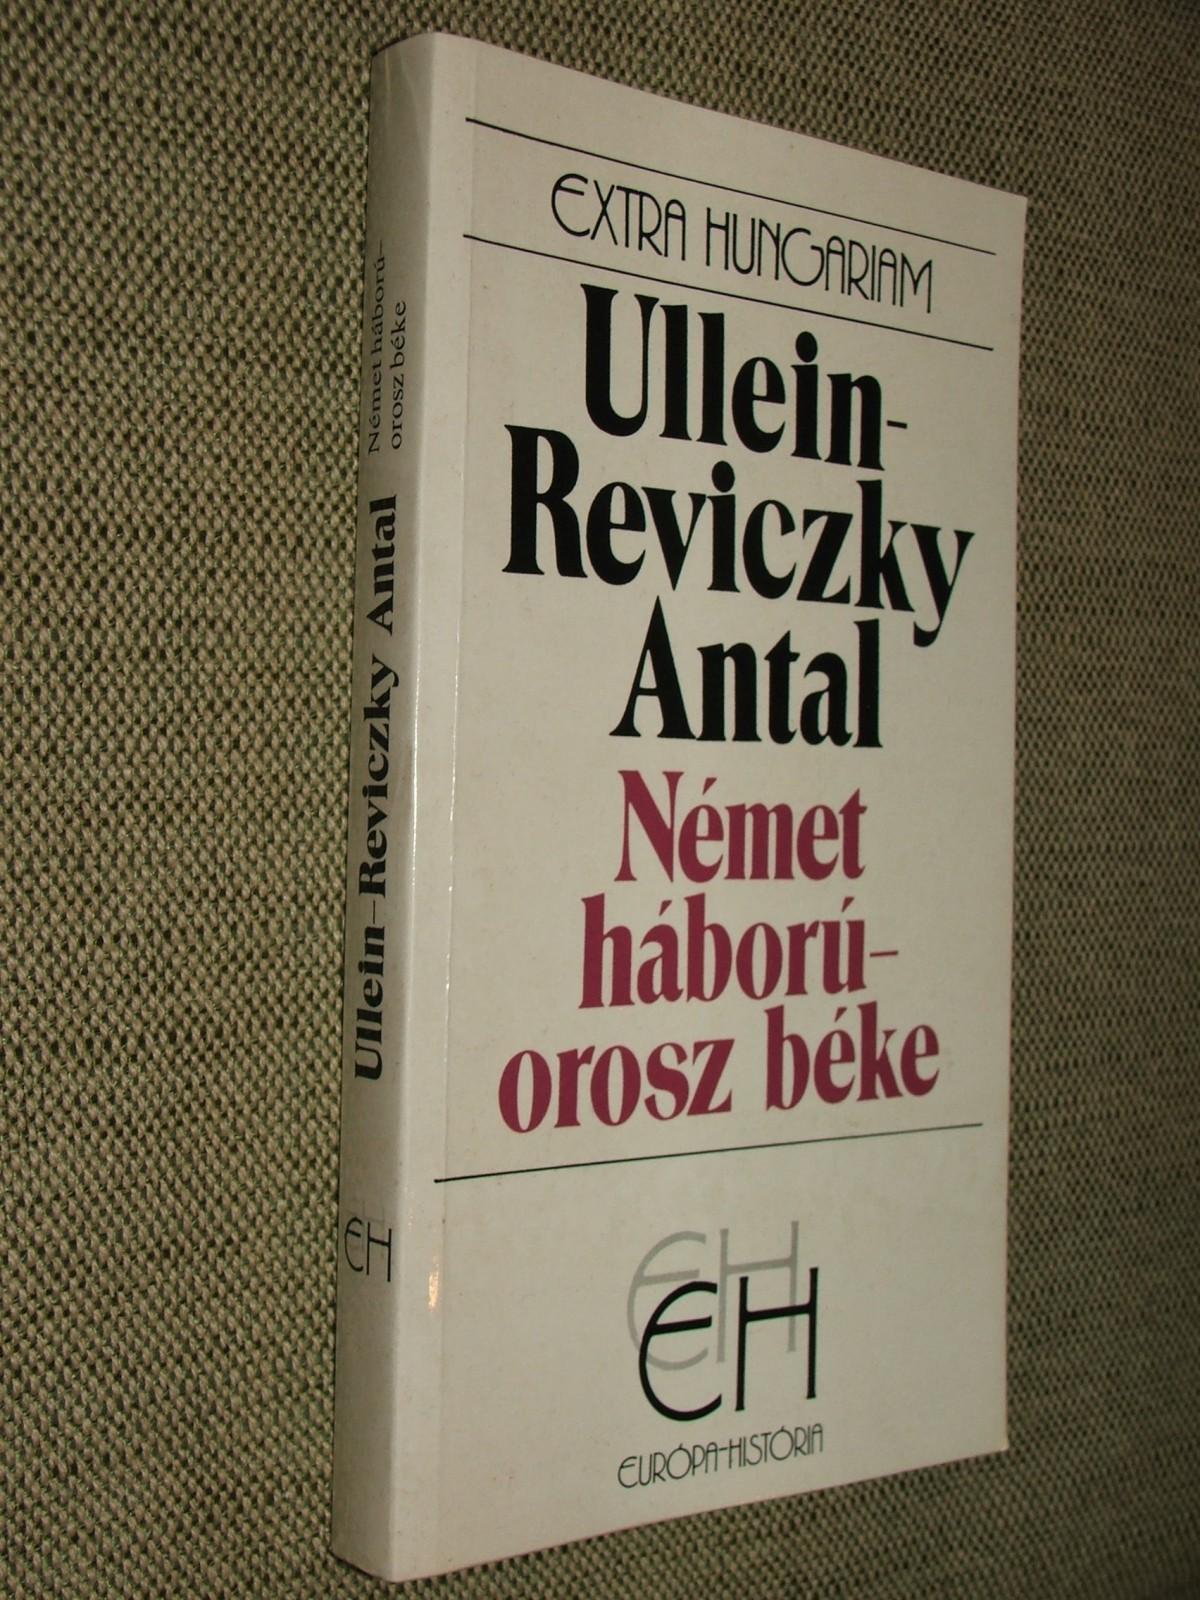 ULLEIN-REVICZKY Antal: Német háború-orosz béke